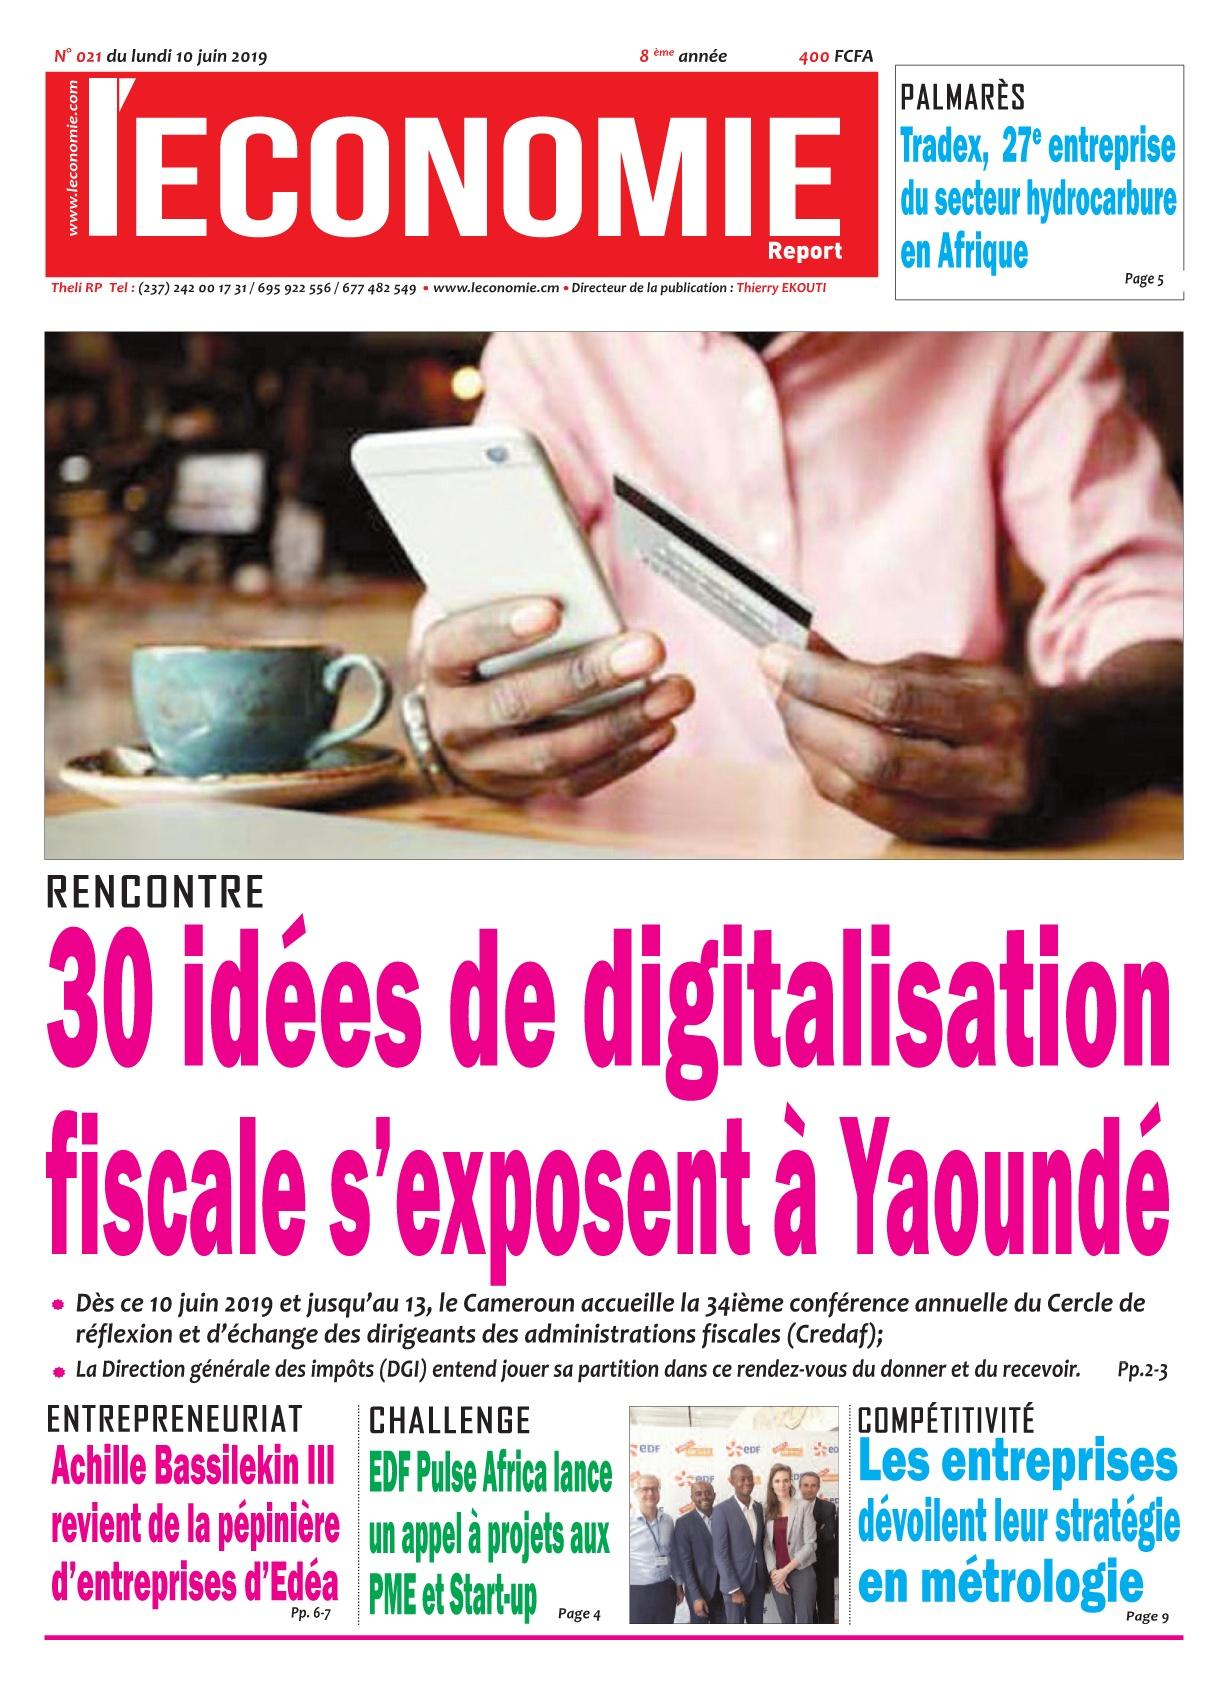 Le Quotidien de l'Economie - 10/06/2019